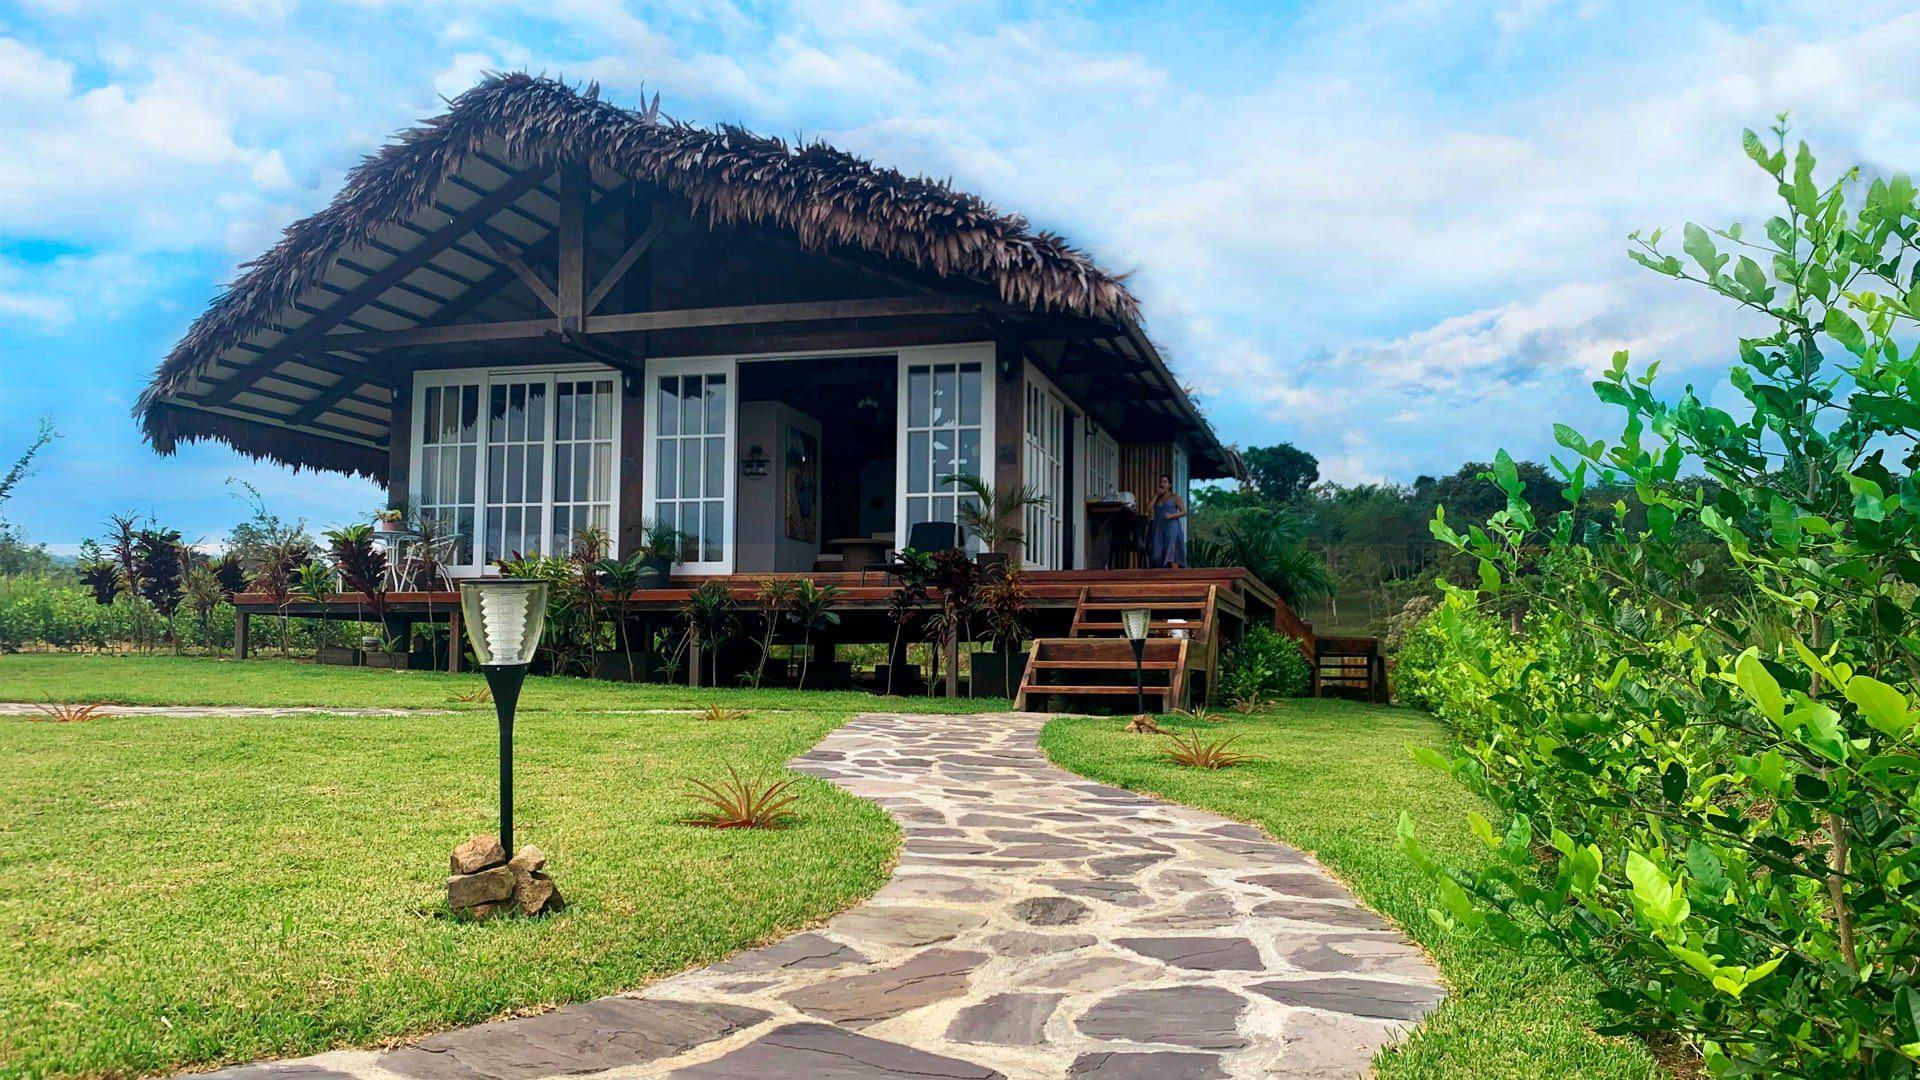 Frontis de un modelo de casa real con vista infinita en Yanashpa Village, Tarapoto